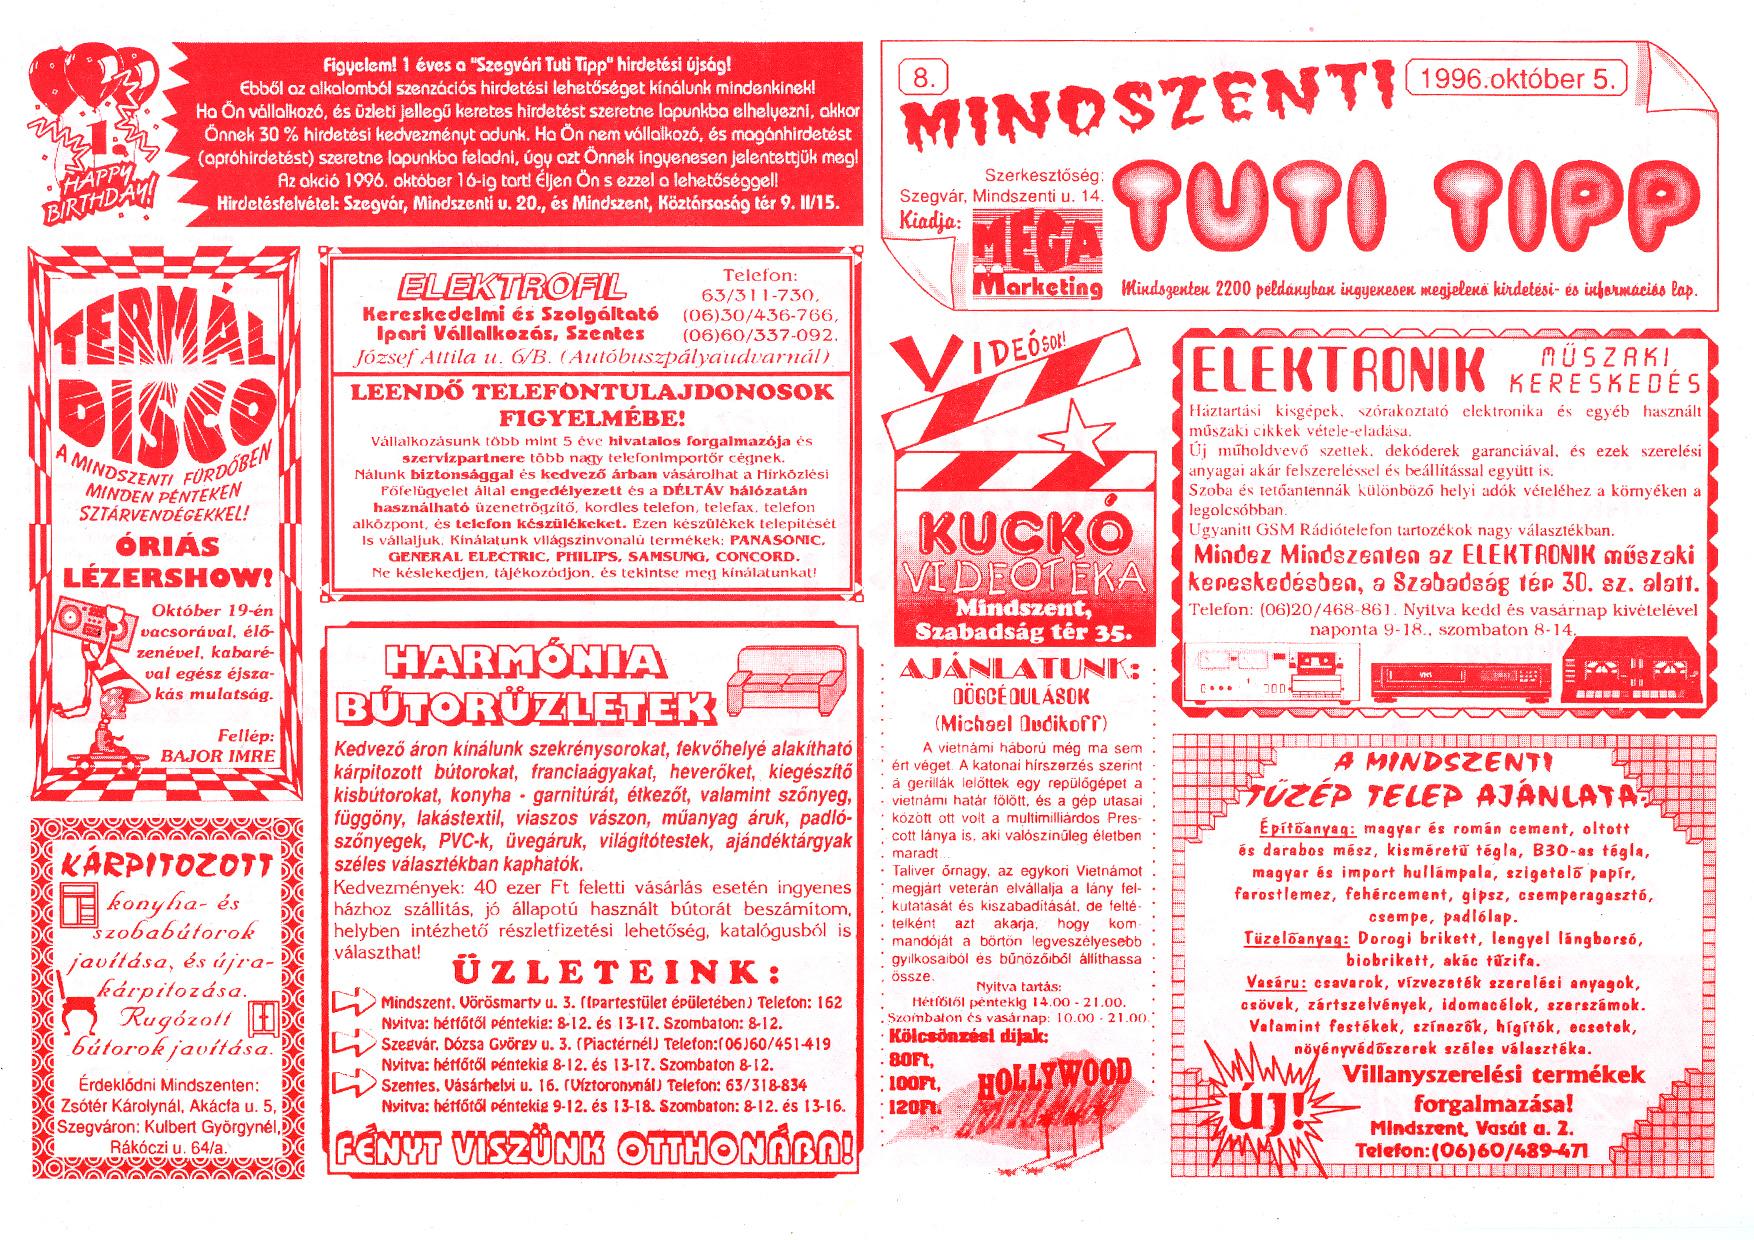 057 Mindszenti Tuti Tipp reklámújság - 19961005-008. lapszám - 1.oldal - II. évfolyam.jpg